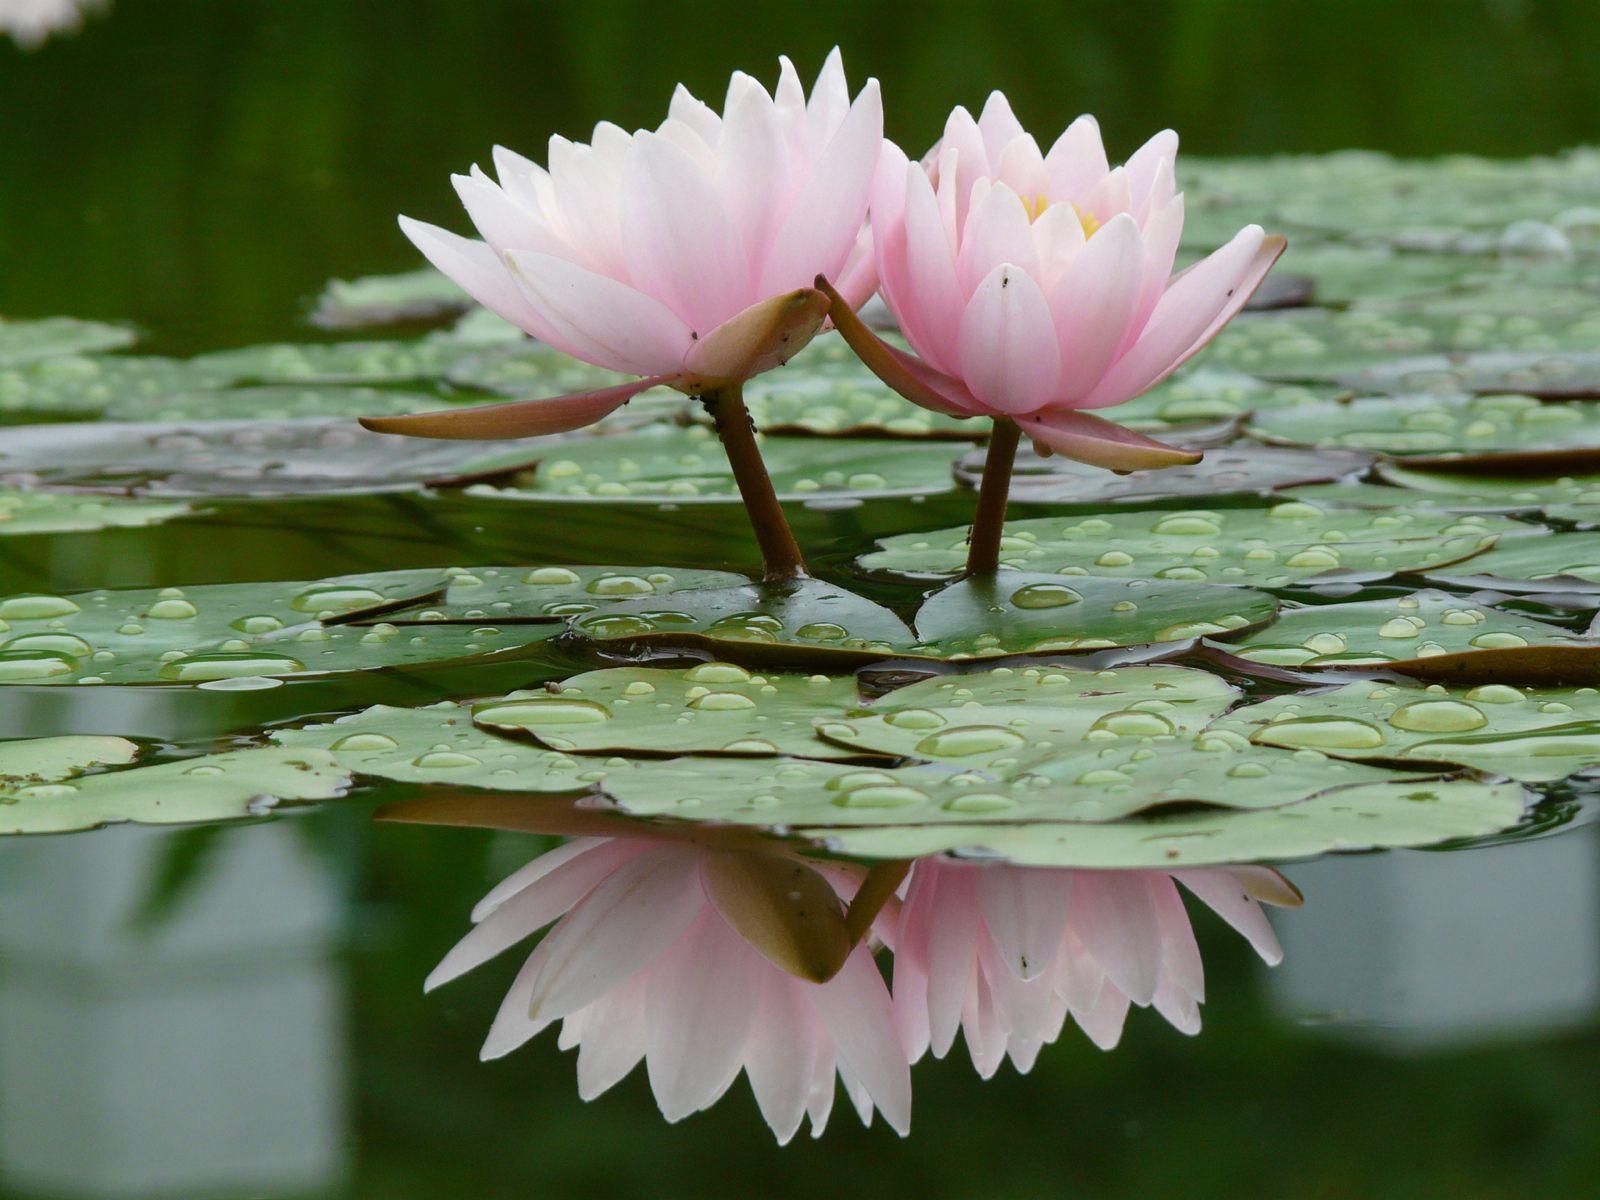 93798 скачать обои Лилии, Цветы, Вода, Листья, Капли, Кувшинки, Отражение, Гладь - заставки и картинки бесплатно